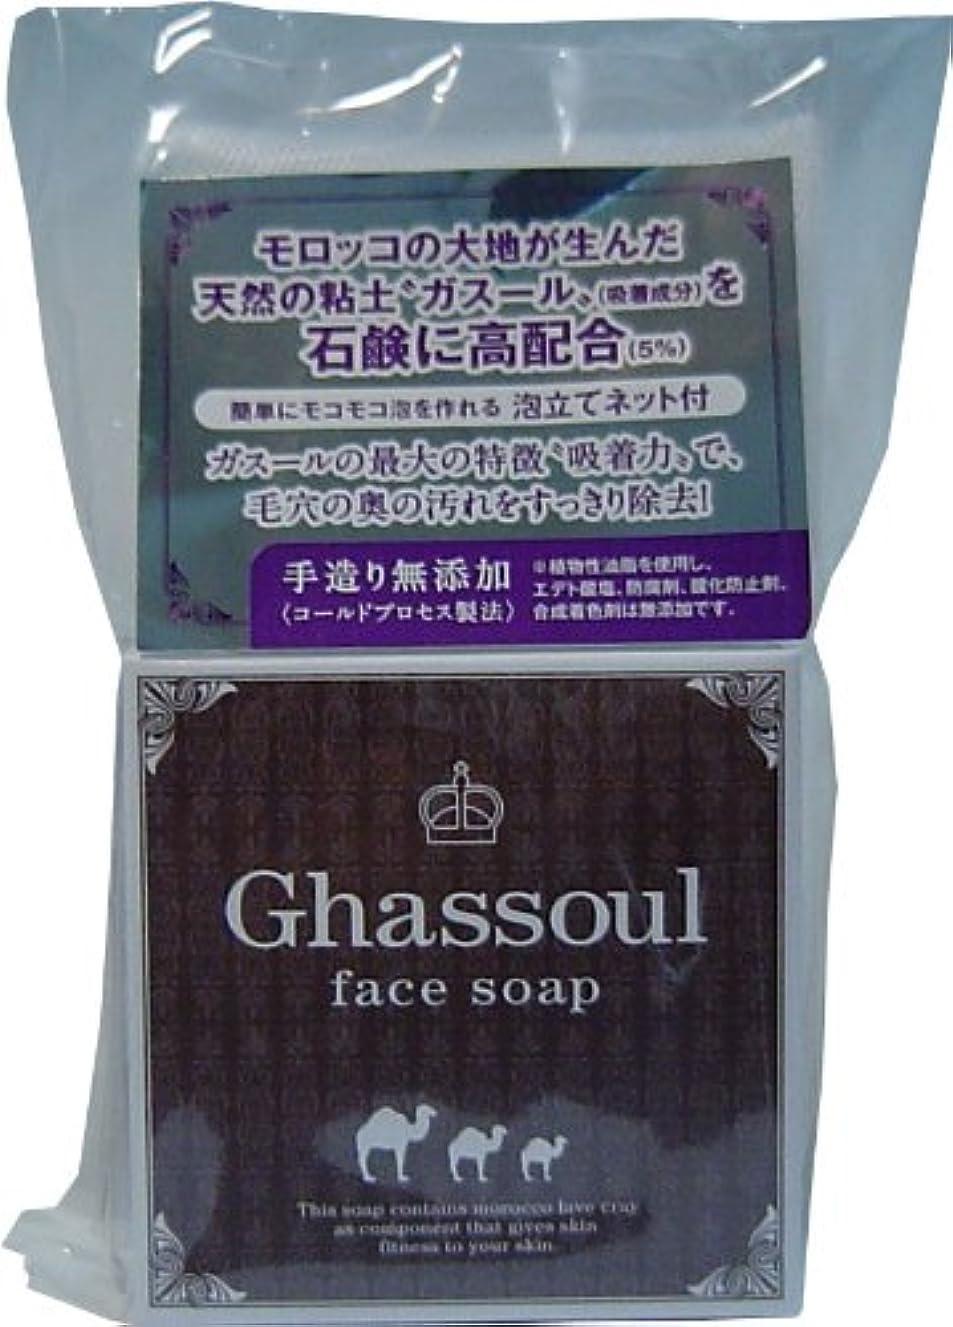 計算する世界の窓トラクター天然の粘土 ガスール を石鹸に高配合!Ghassoul face soap ガスールフェイスソープ 100g【4個セット】